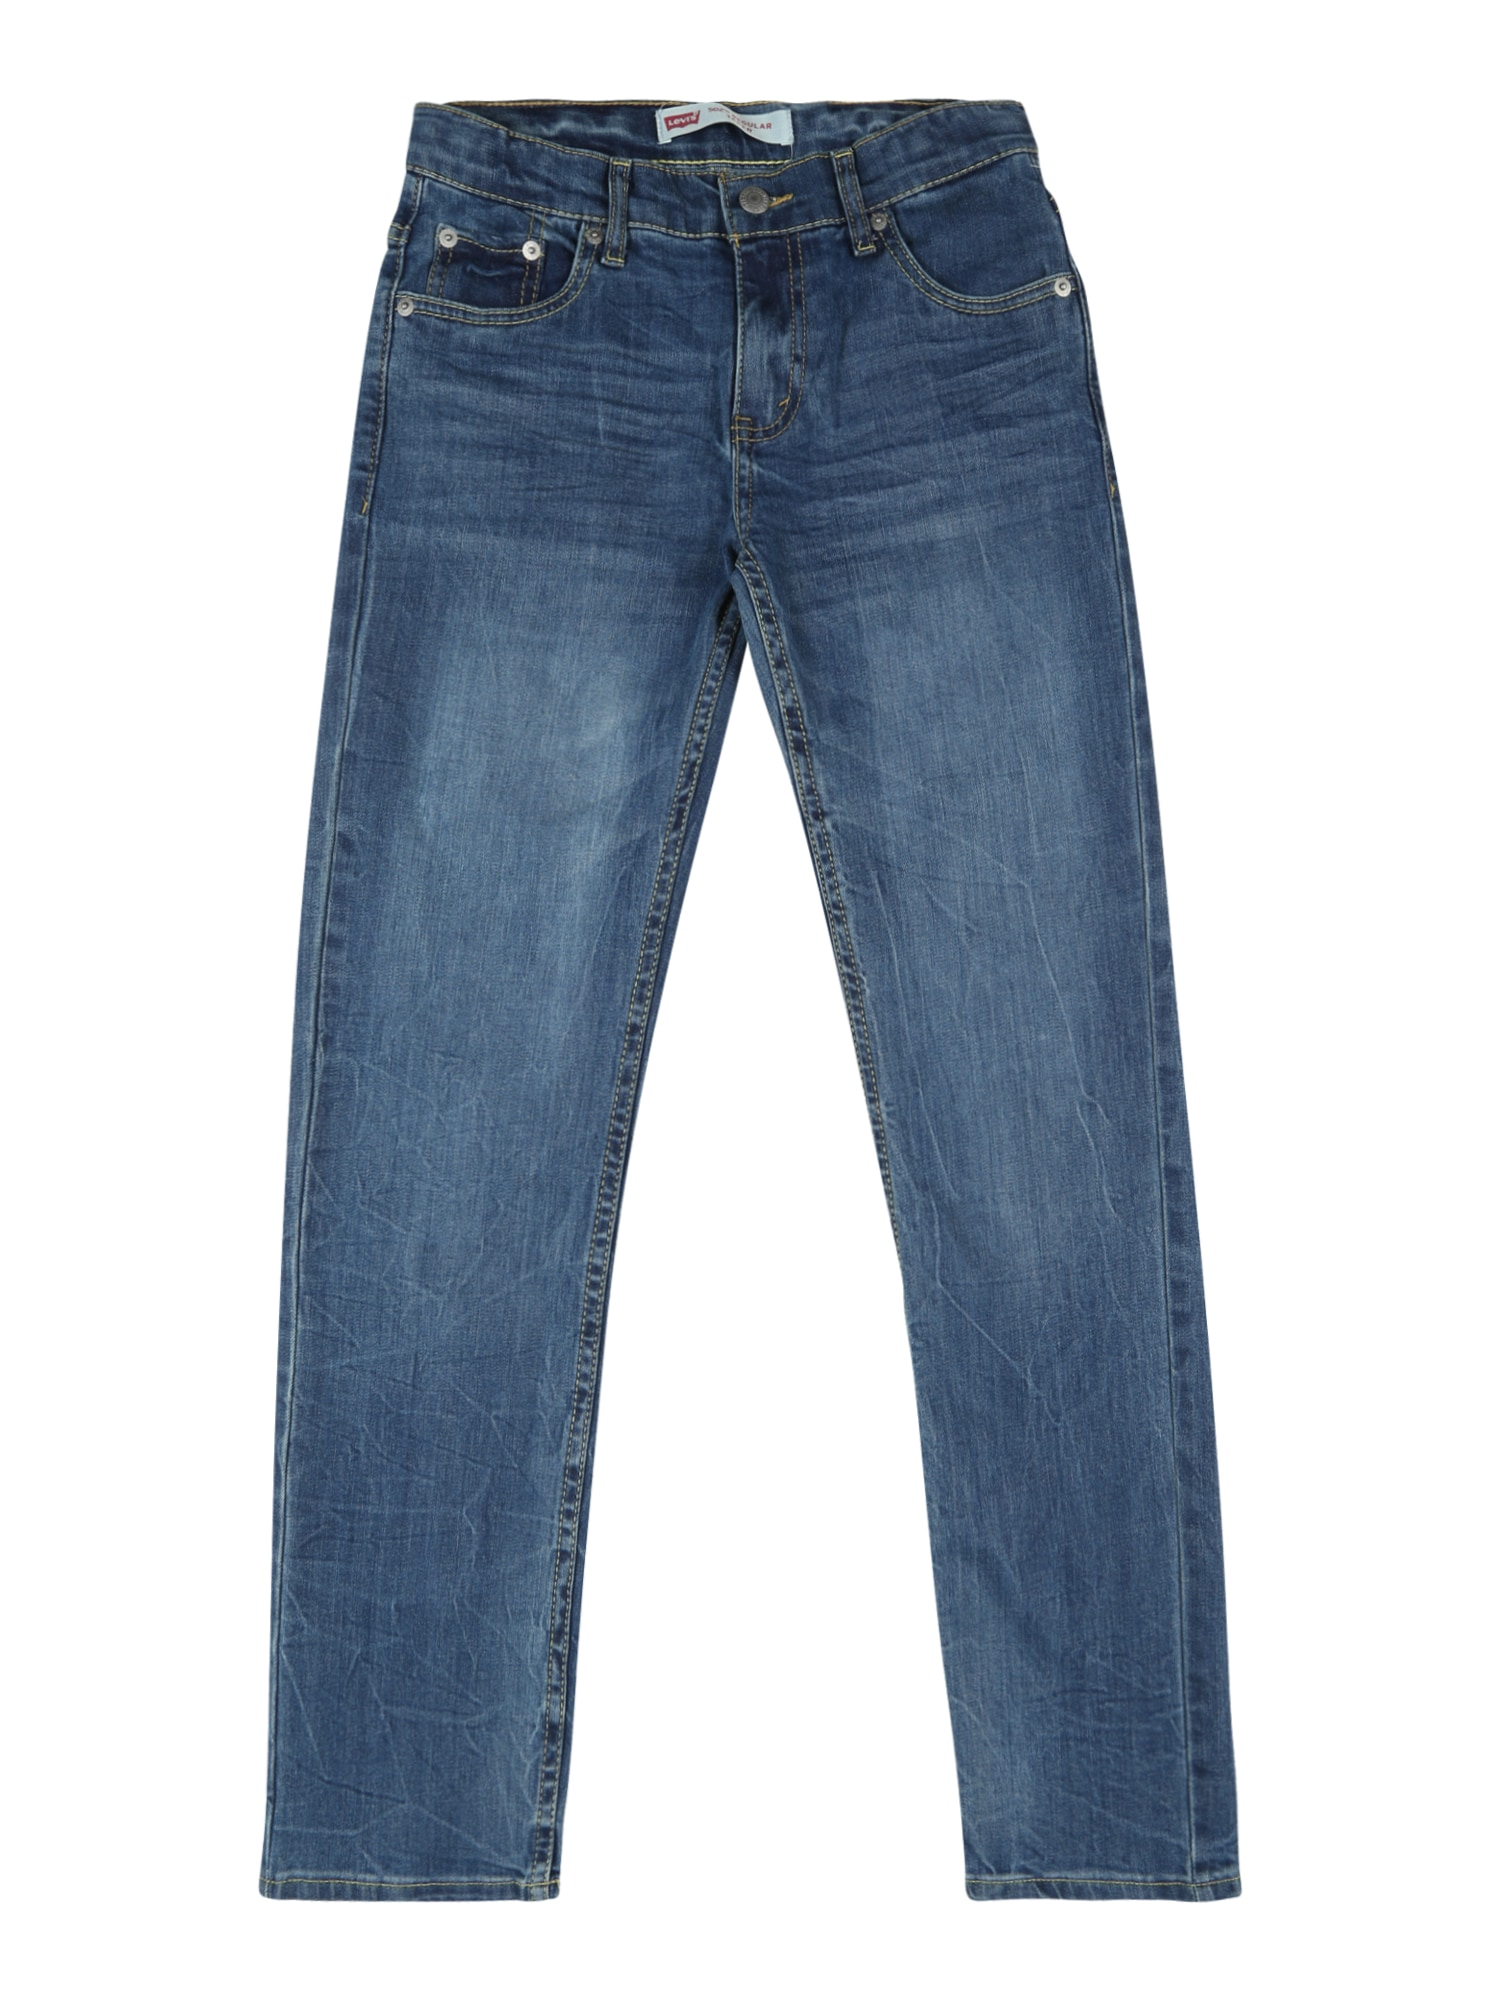 LEVI'S Džinsai ' 502' tamsiai (džinso) mėlyna